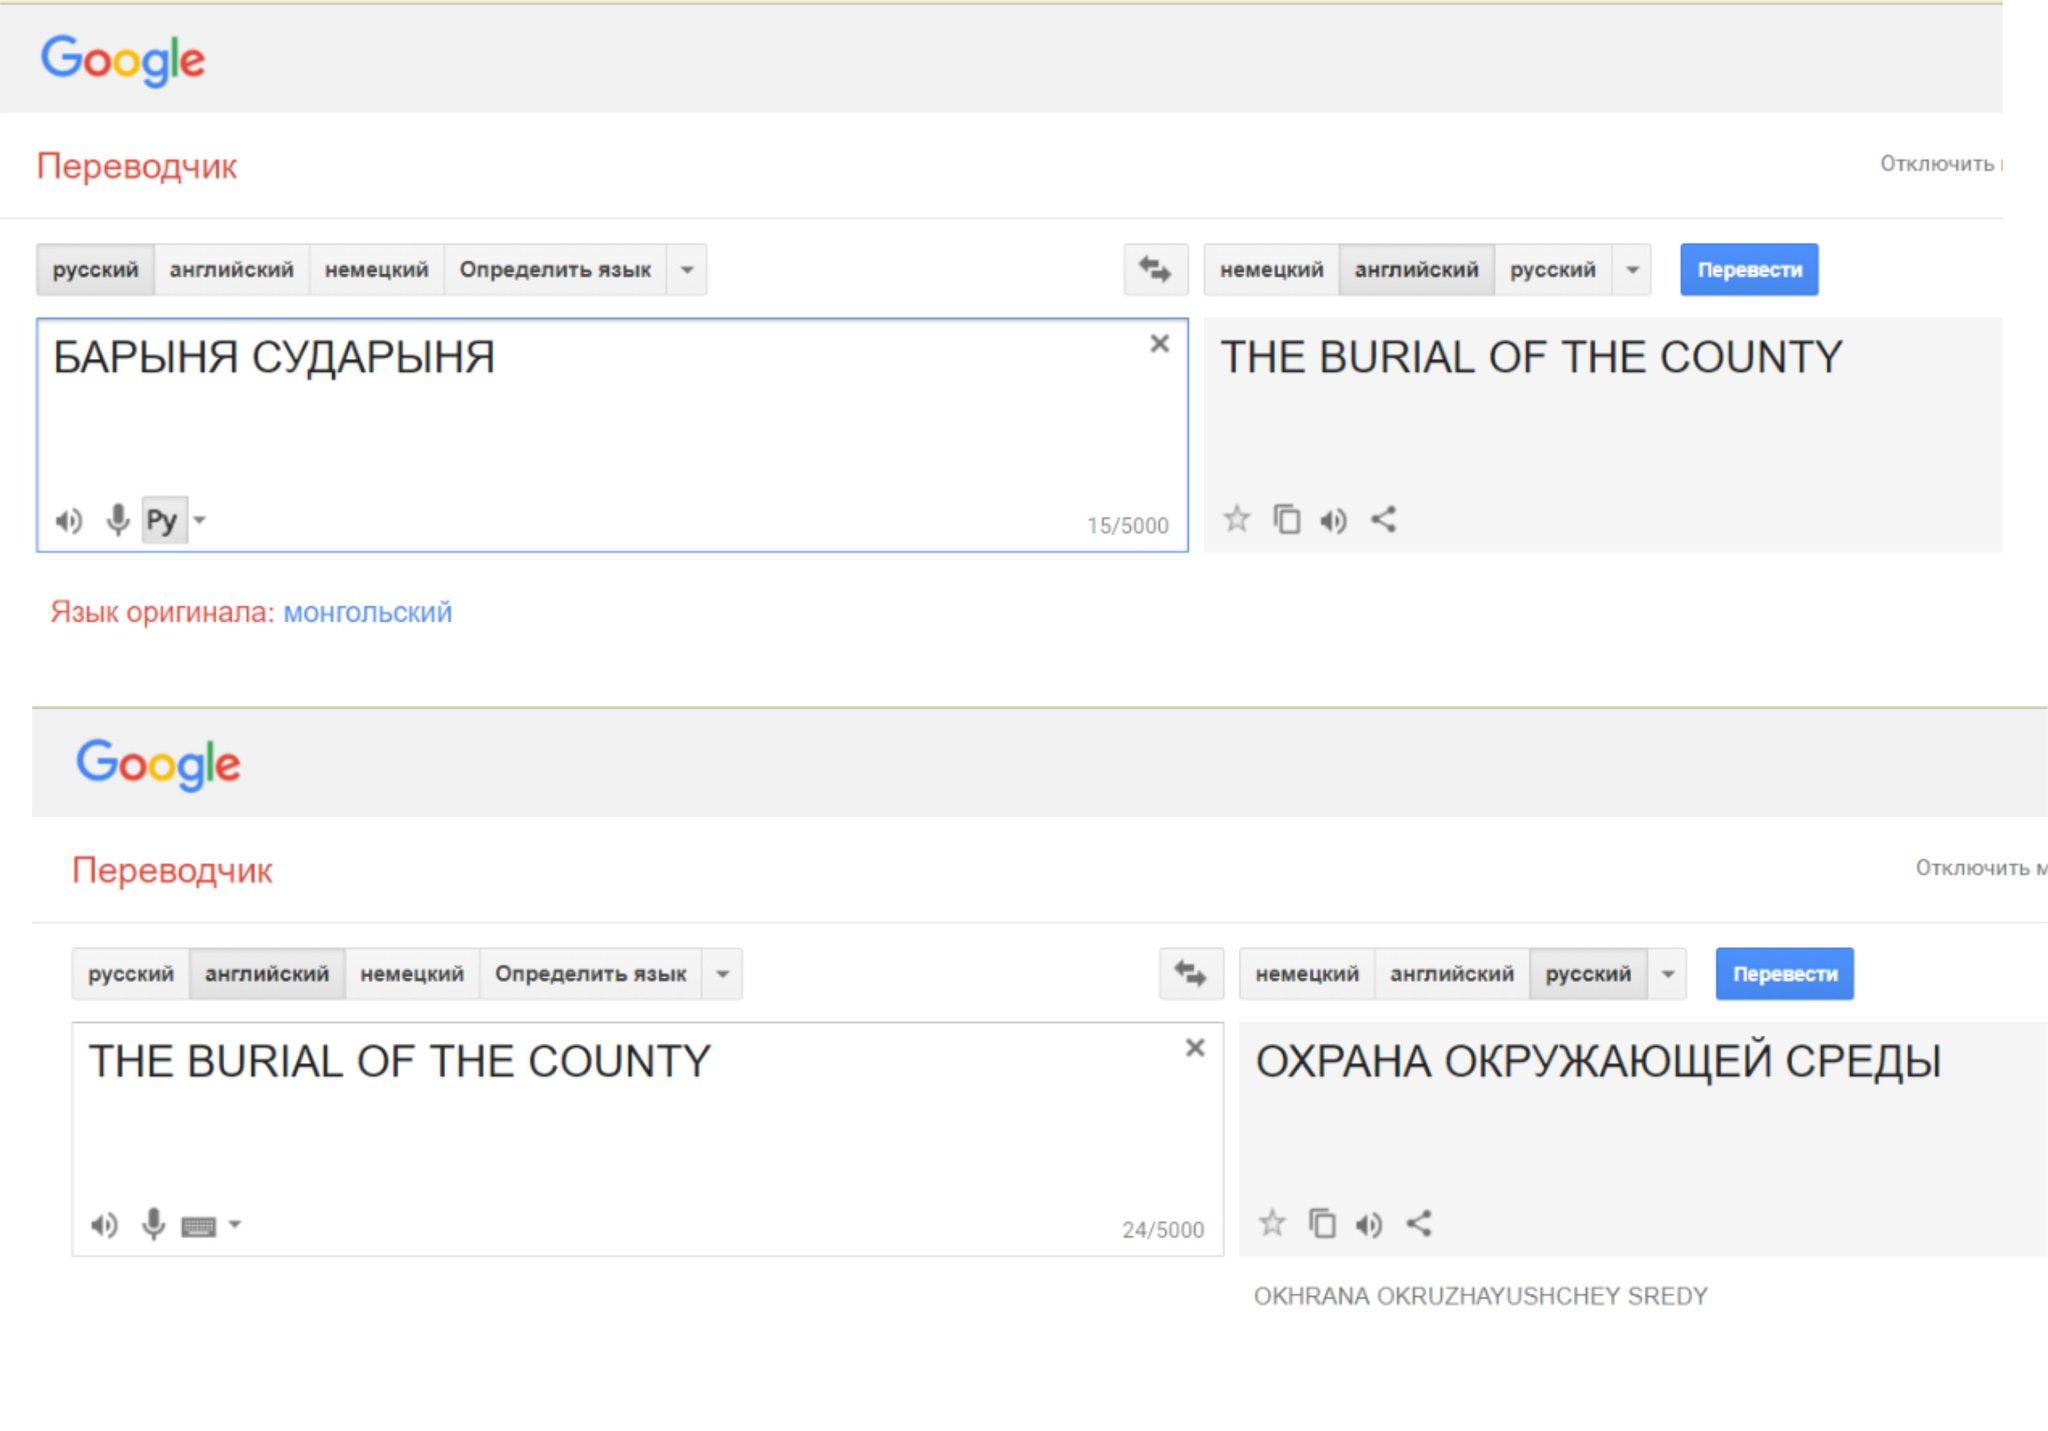 мистицизма перевод по фото гугл средневековом городе кёсег